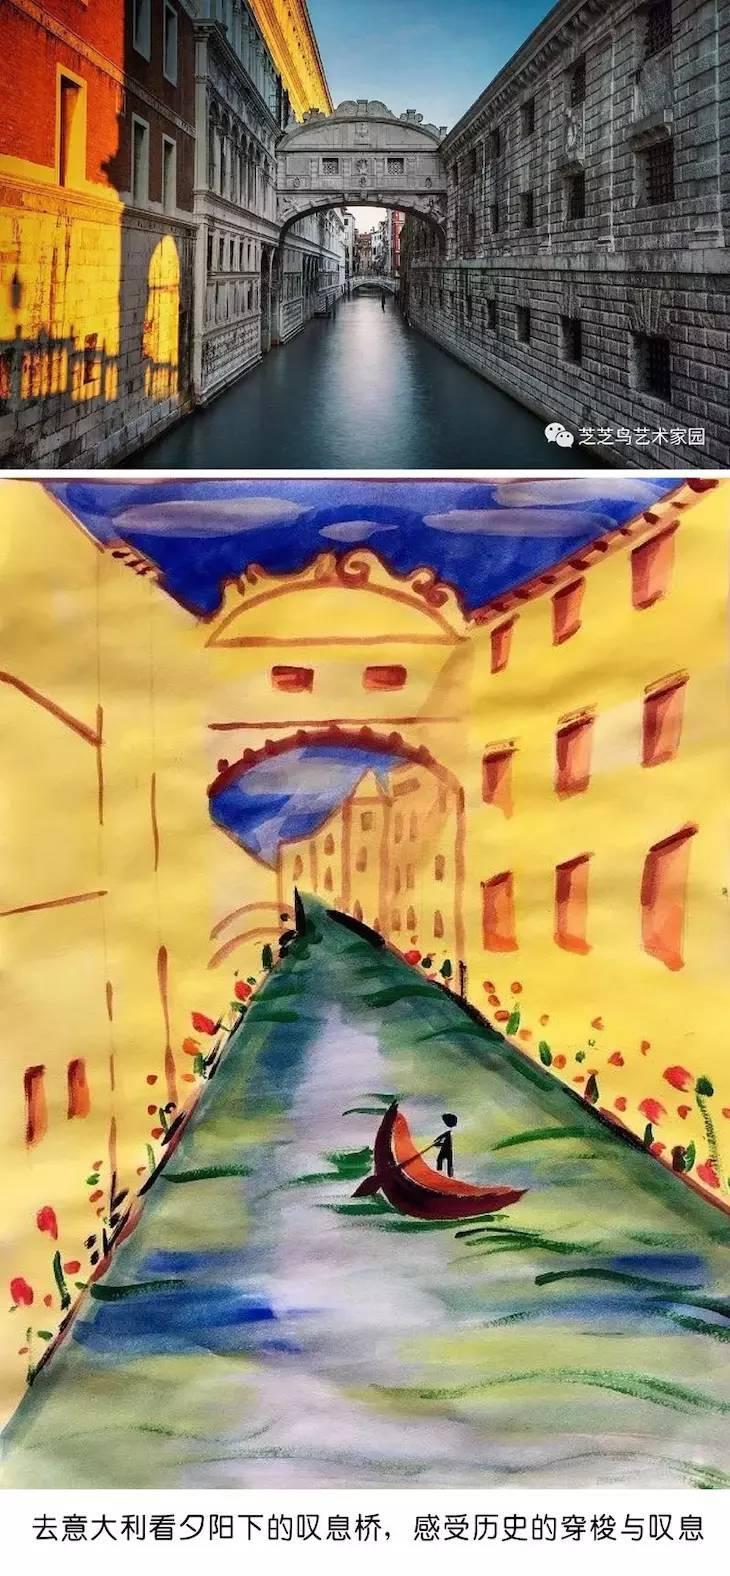 带你环游世界的儿童绘画课堂